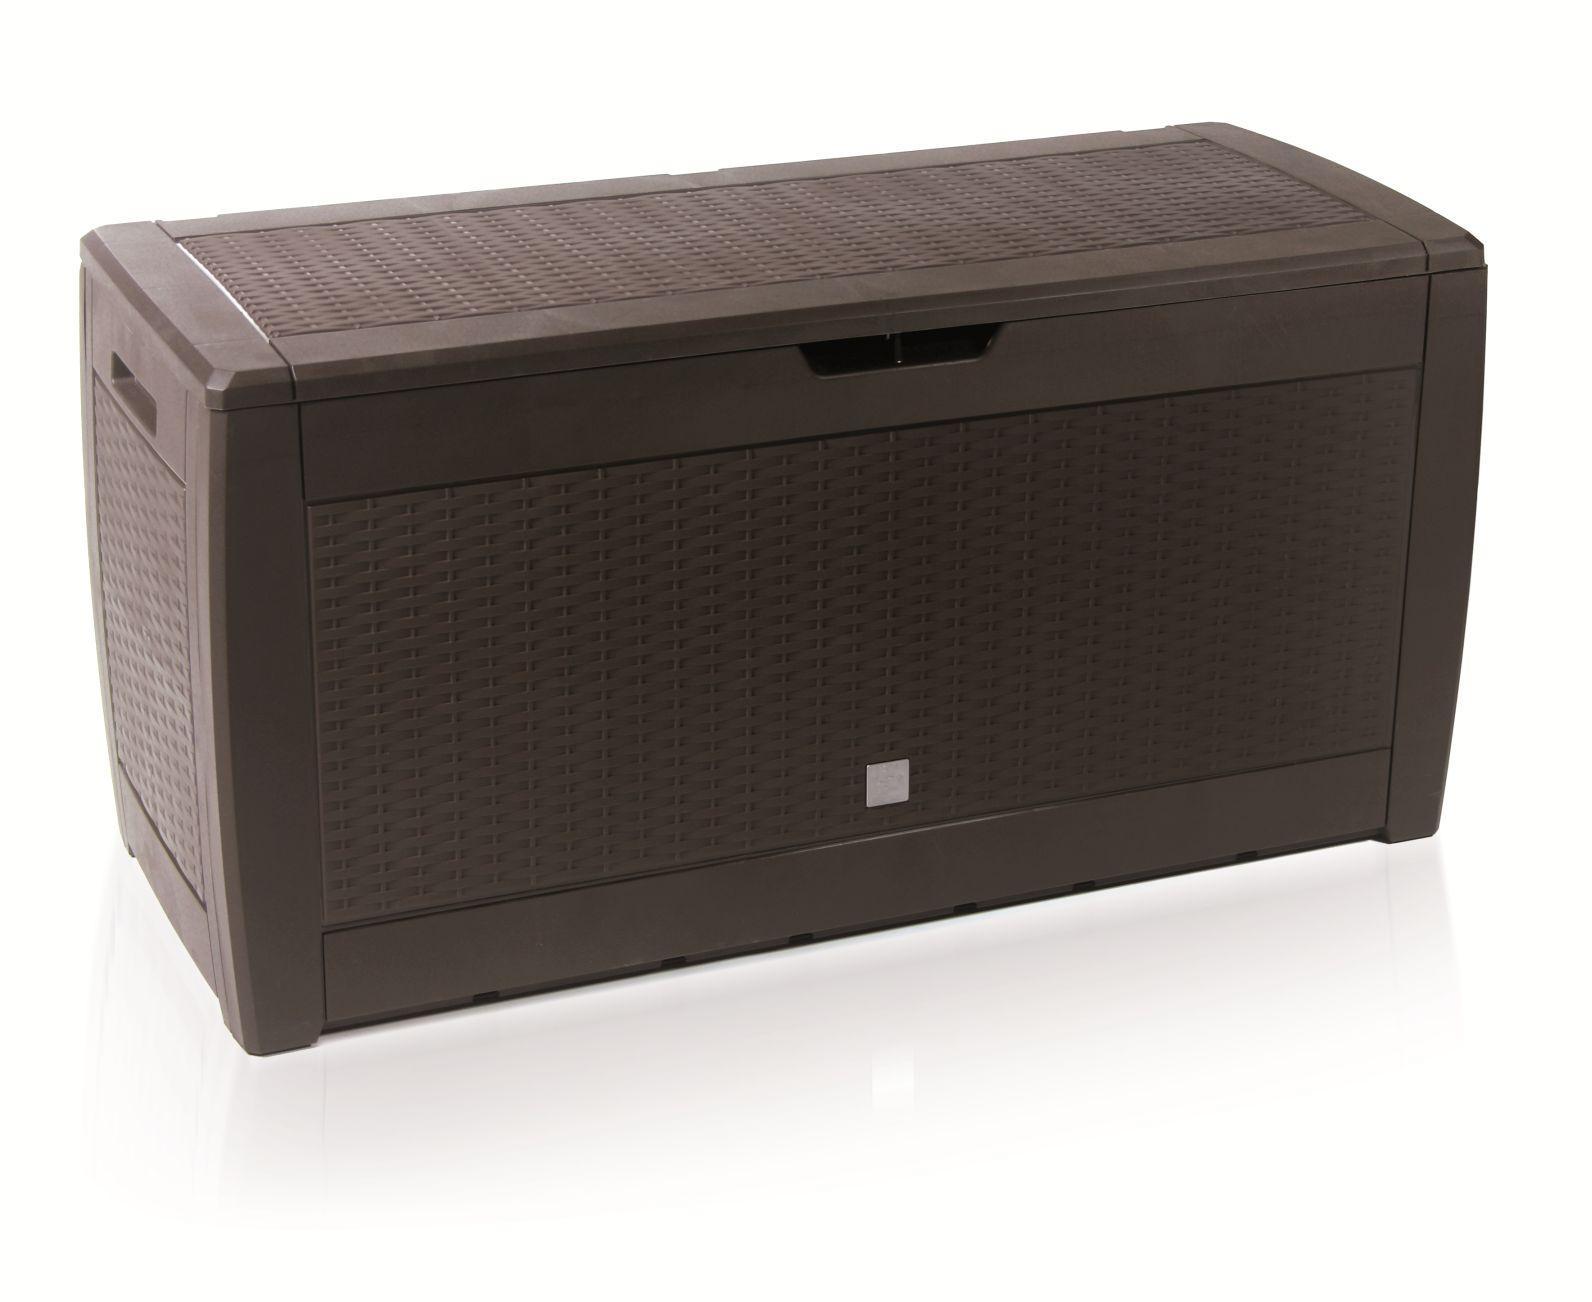 PROSPERPLAST Zahradní box BOXE RATO umbra 119cm - 310L